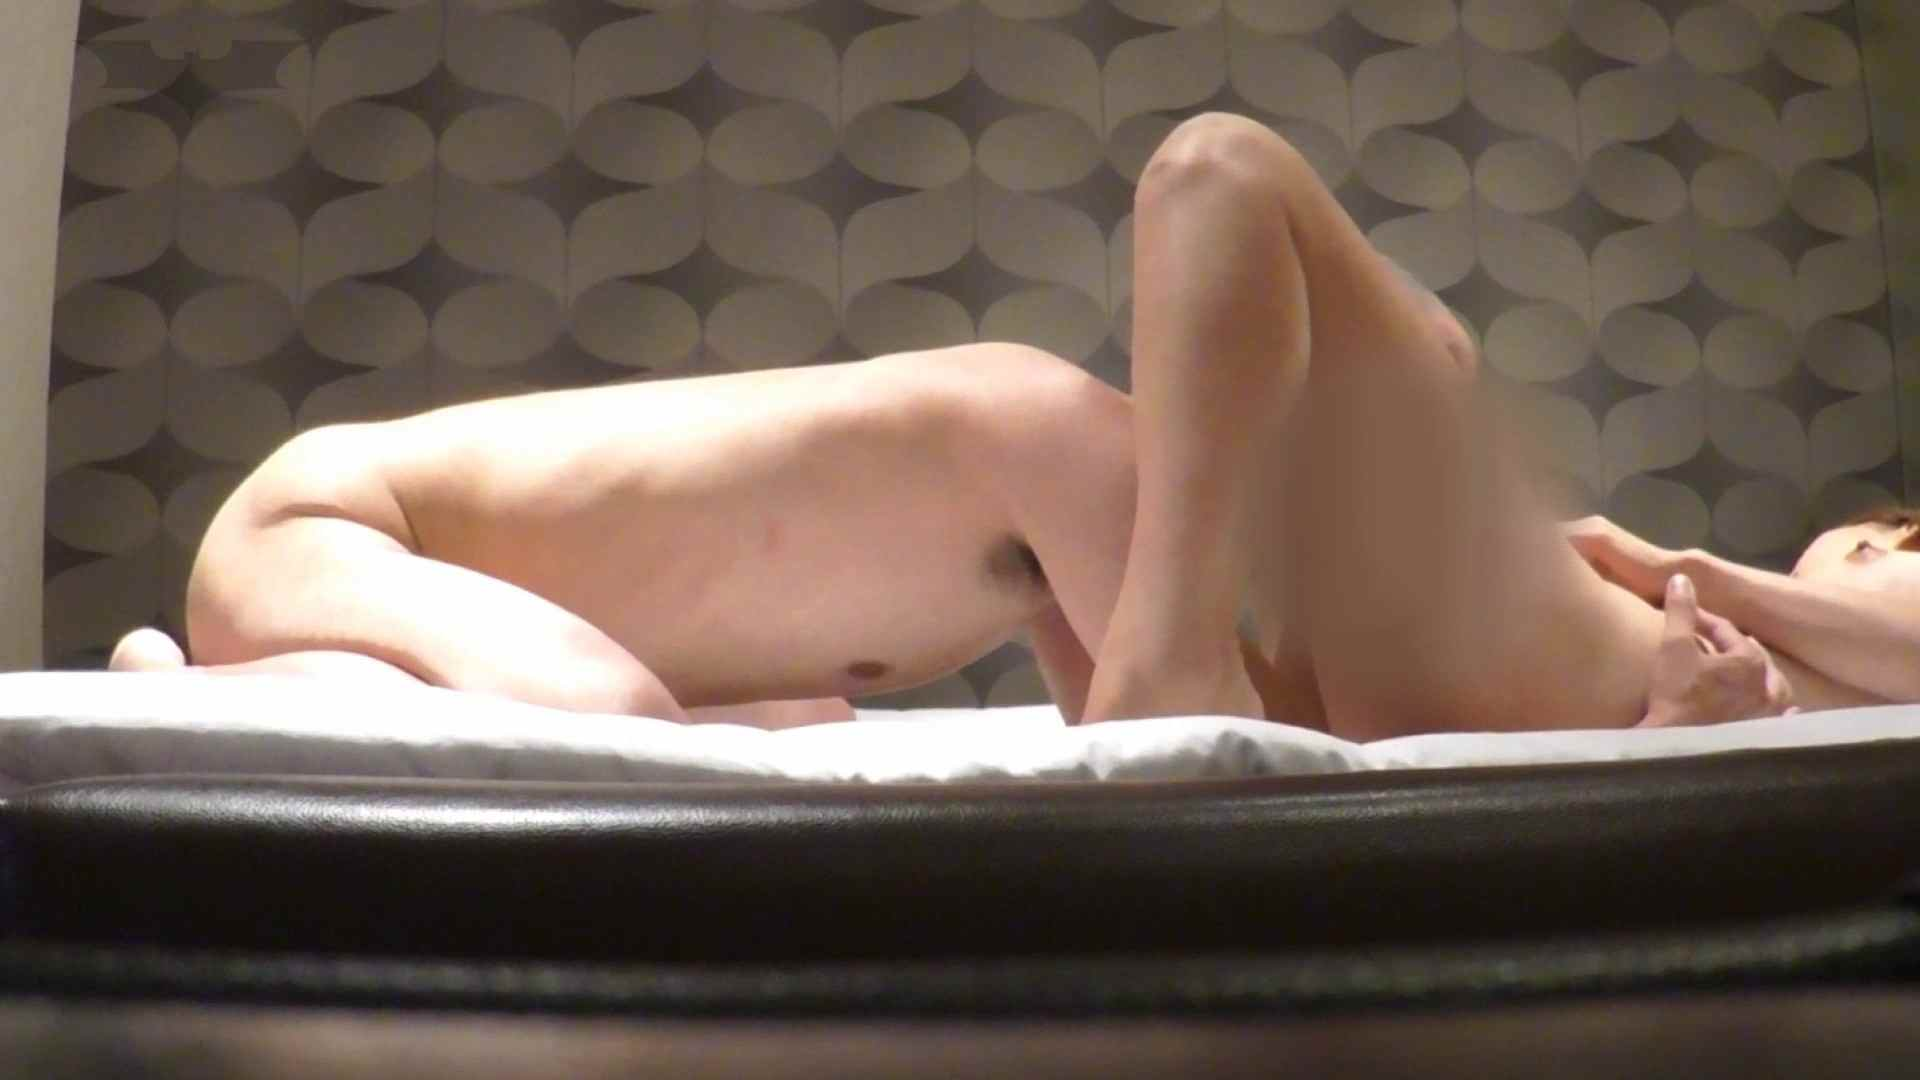 内緒でデリヘル盗撮 Vol.03後編 美肌、美人のデリ嬢わがまま息子がおかわり! 美乳 性交動画流出 81画像 56